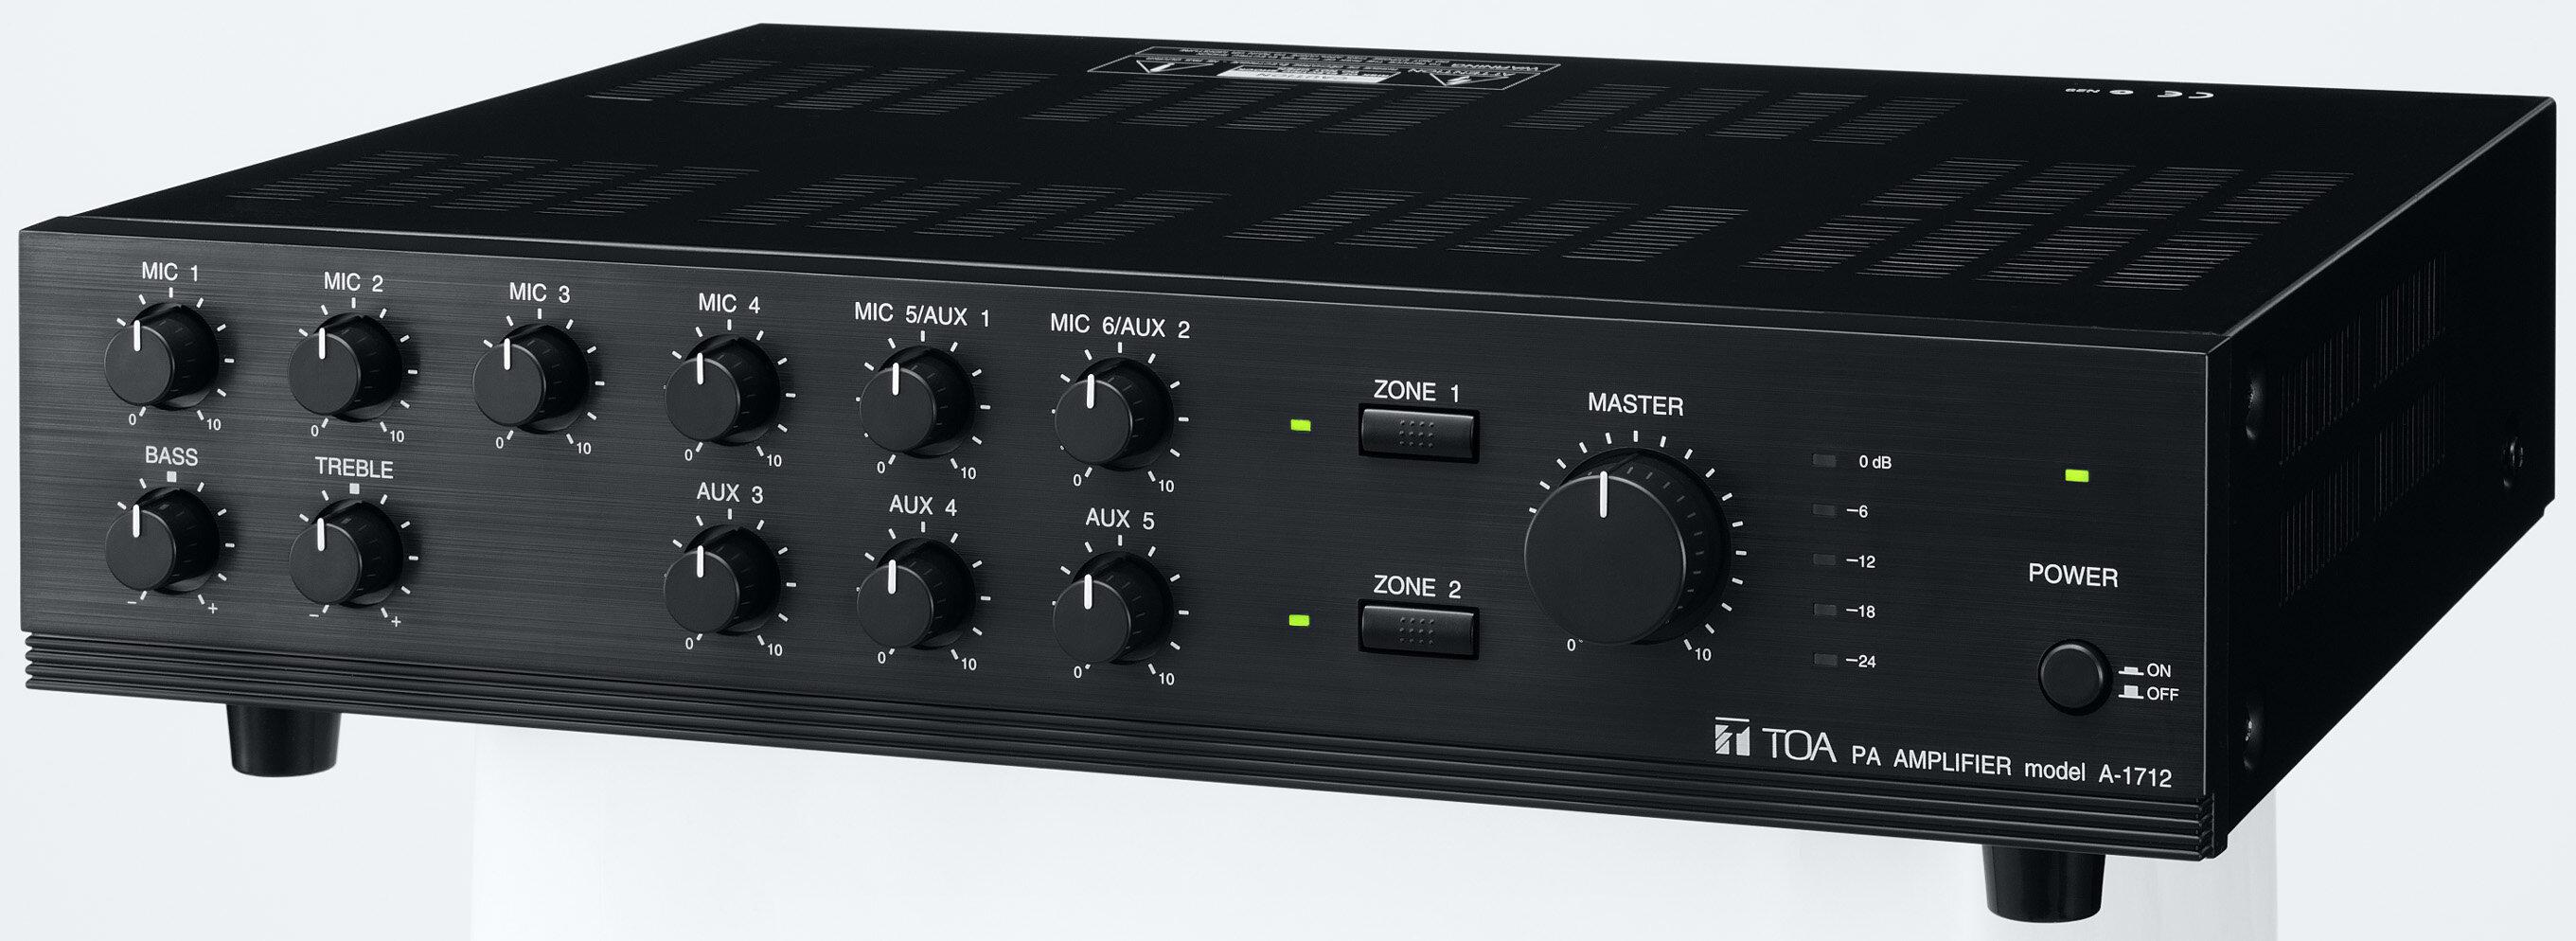 TOA A-1712 1700 Series 120 Watt Mixer Amplifier, 9 Input, 2 Zone